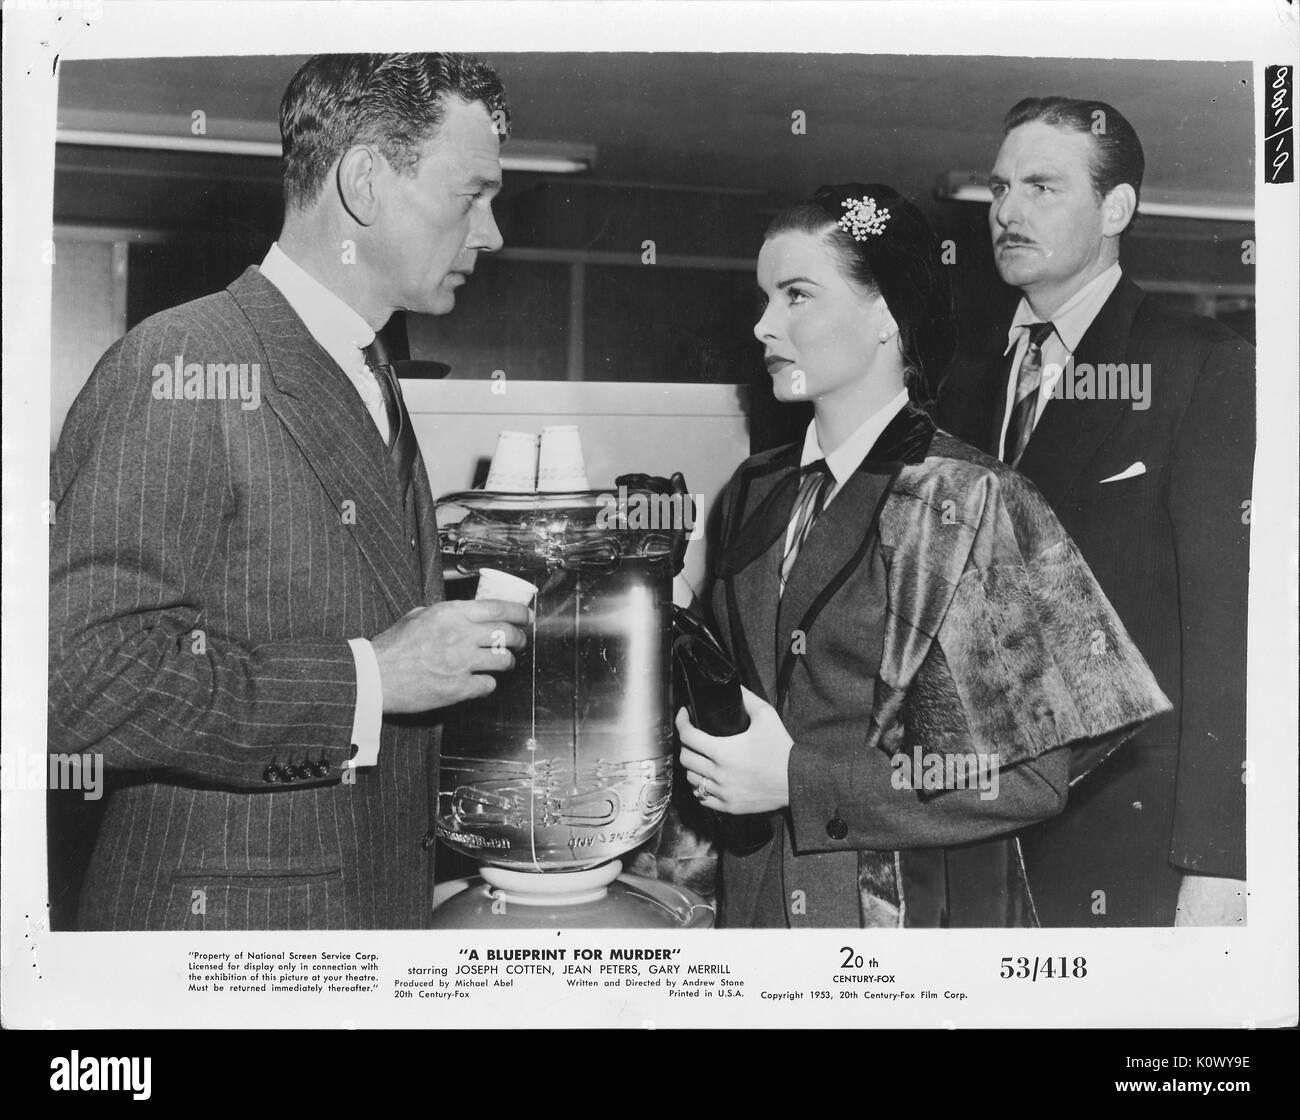 """Encore une scène de film 'un plan de meurtre"""" (1953 20th Century Fox Film thriller), montrant un homme dans un costume sombre à rayures genre de questions d'une dame bien habillé pendant que l'homme avec une moustache en costume sombre derrière son apparence sur avec un froncement, 1953. Photo Stock"""